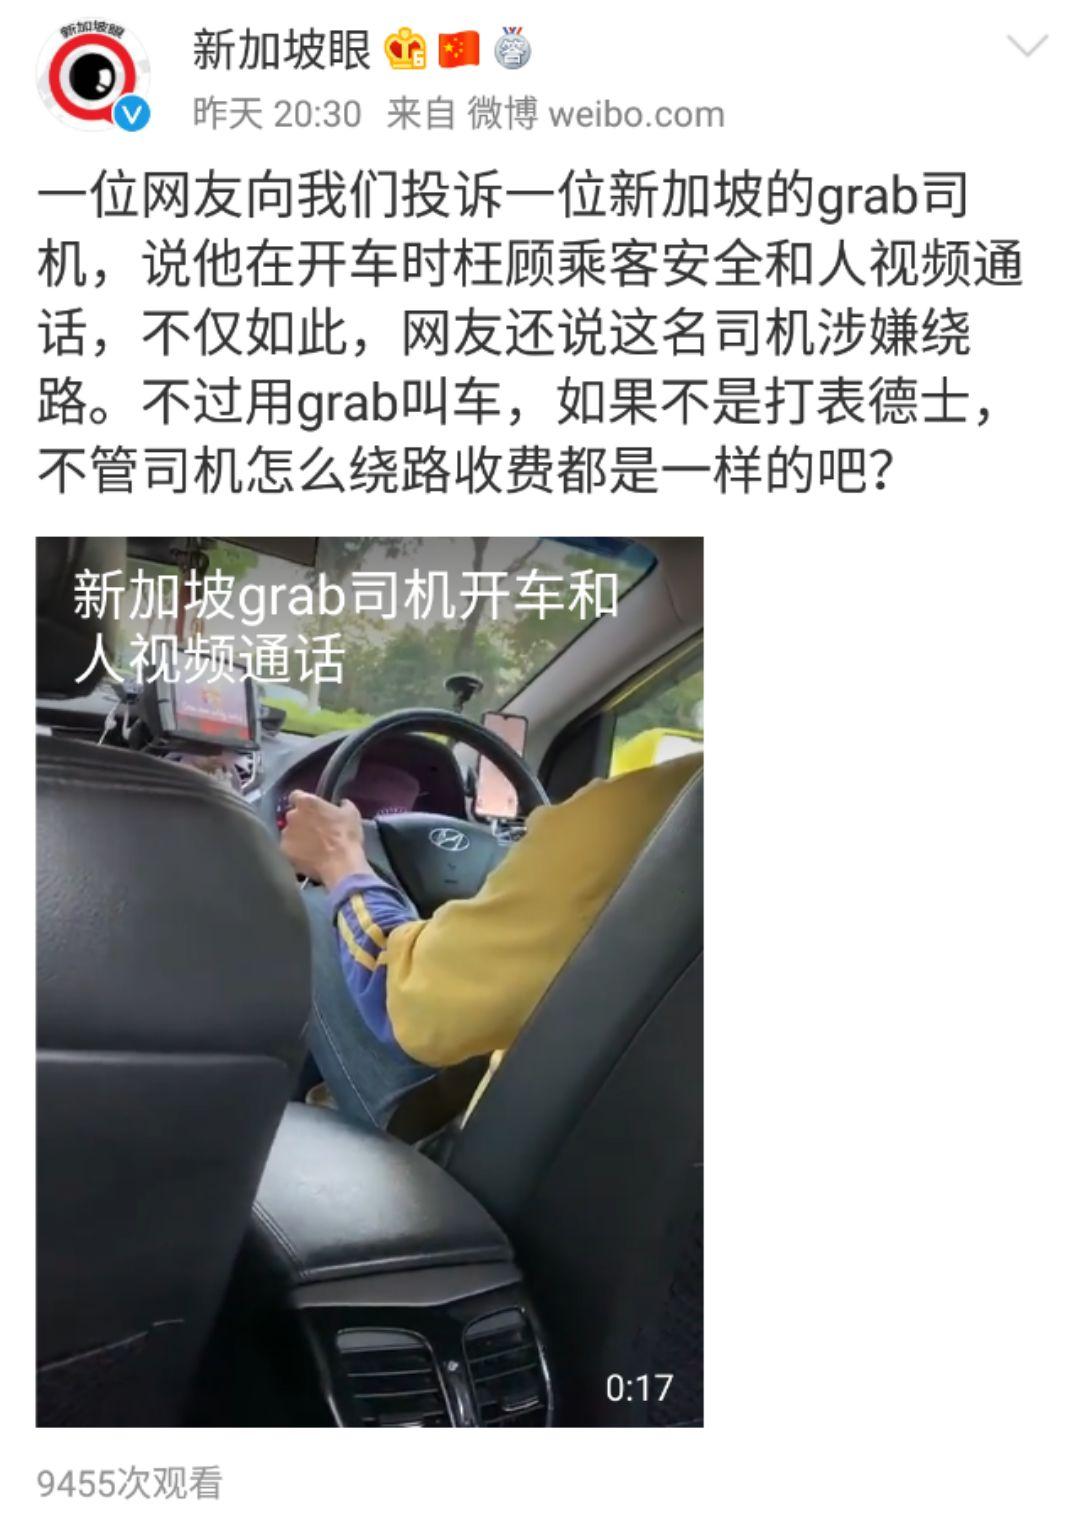 """""""新加坡Grab司机载客时跟别人视频,而且还绕路?"""""""